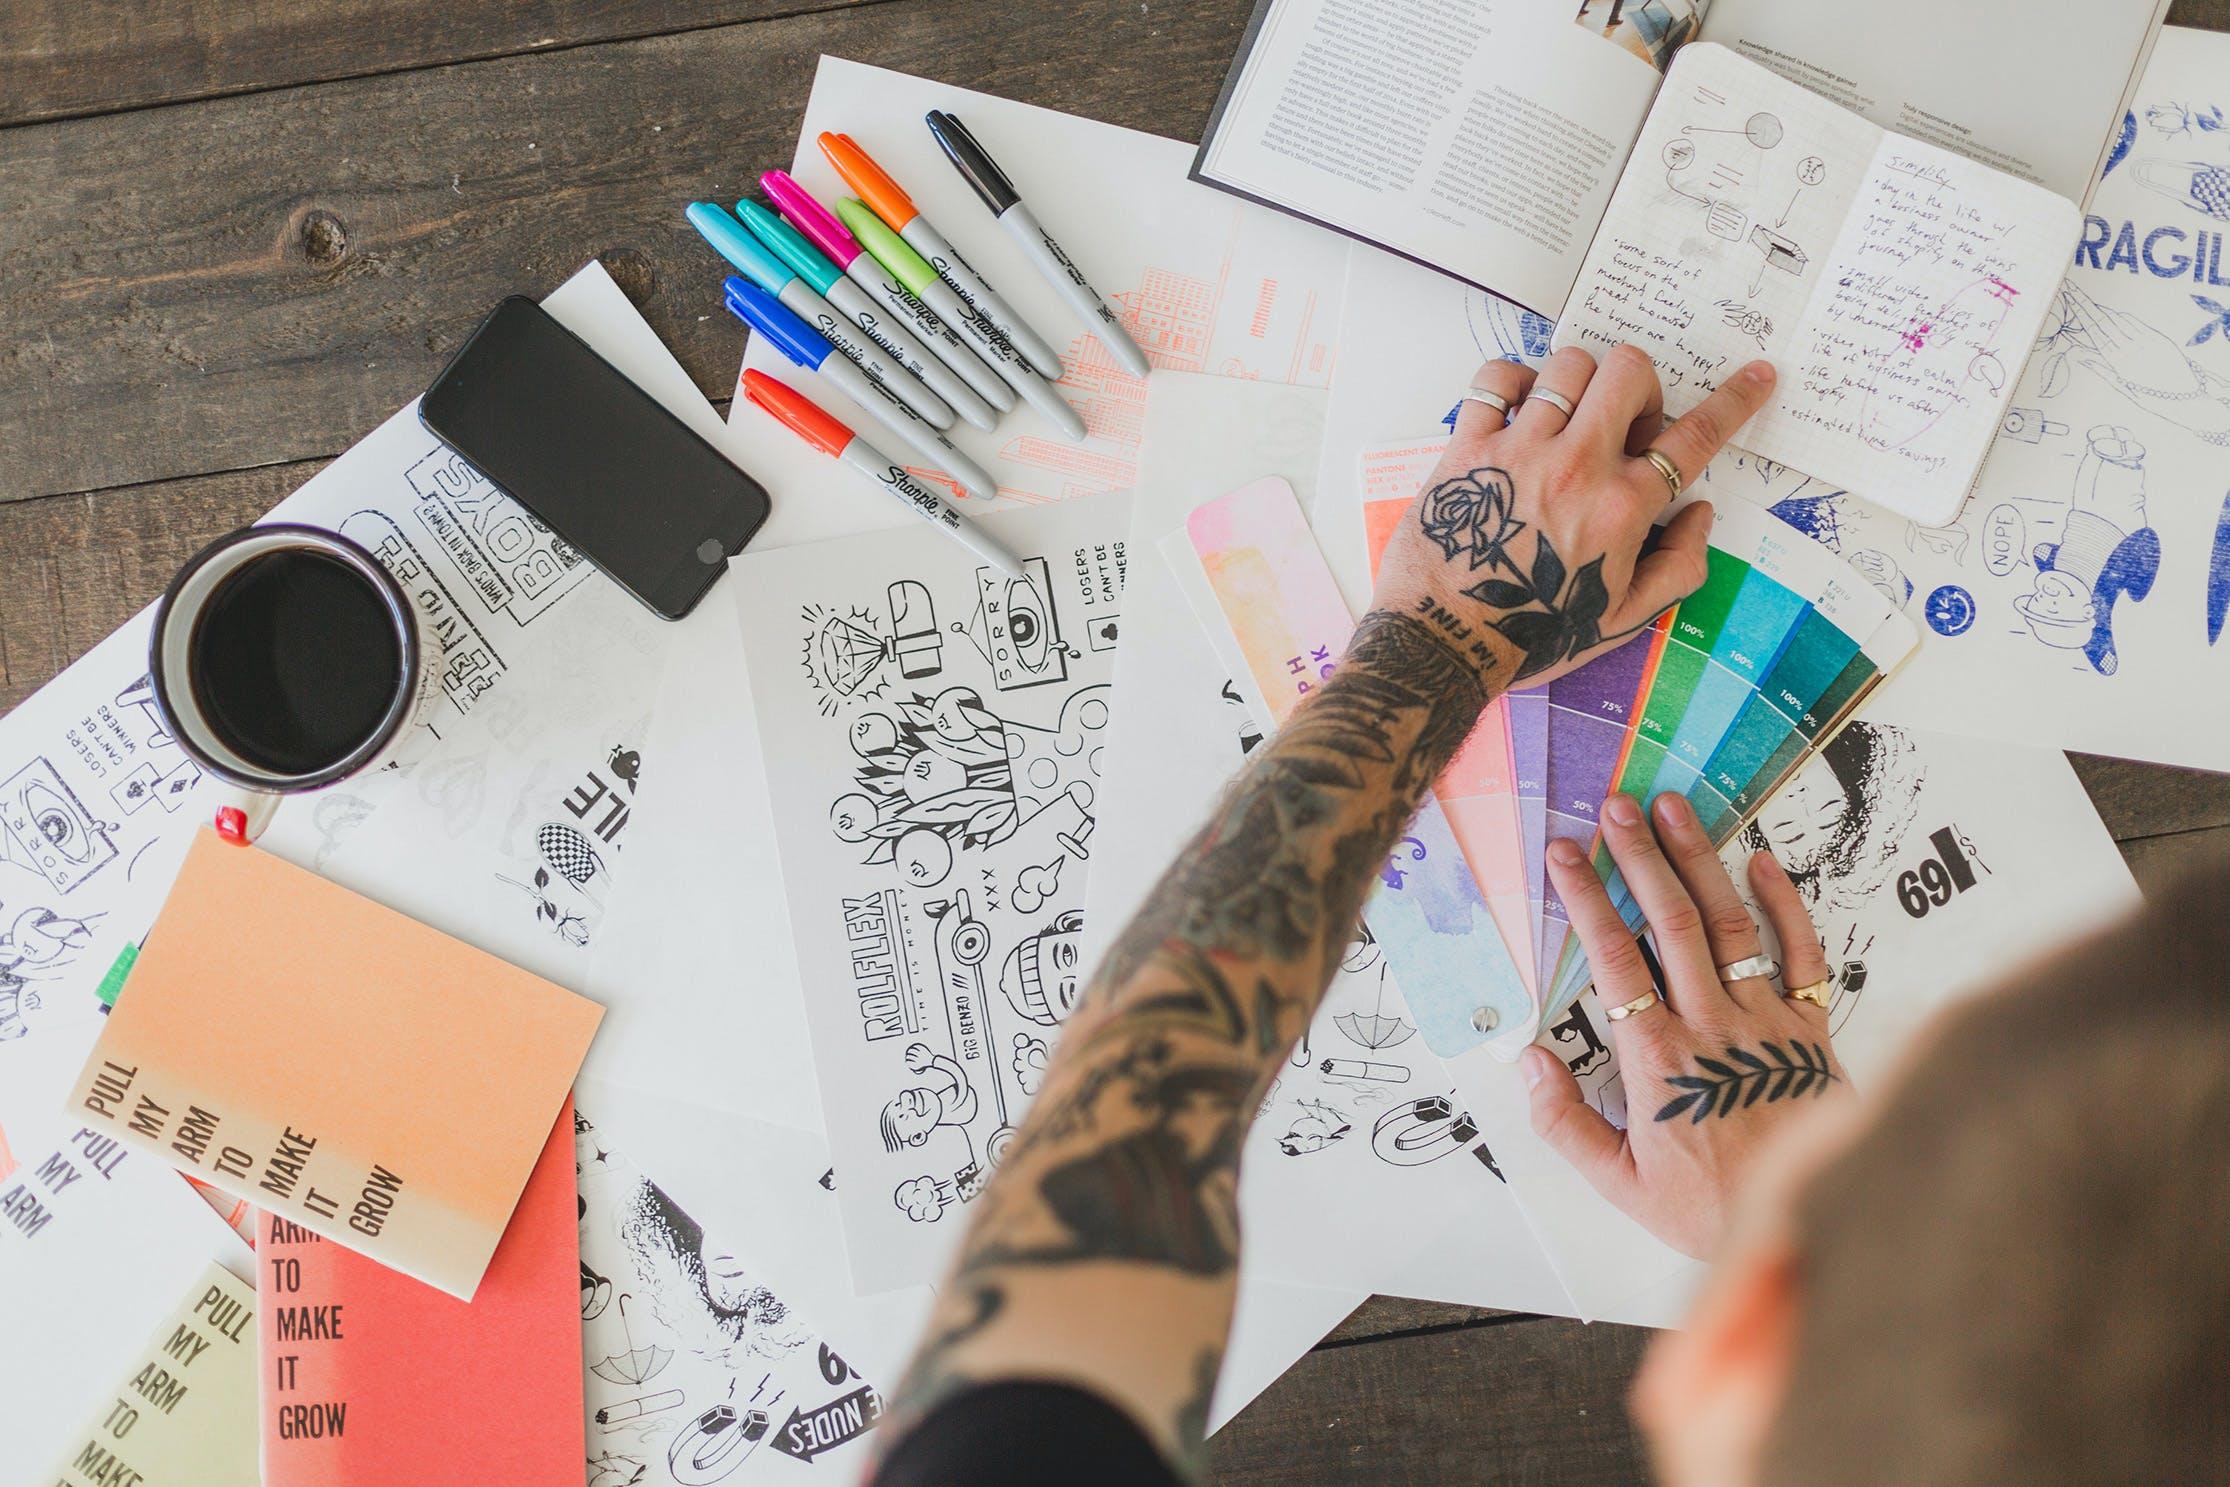 Les 10 erreurs marketing à éviter sur les réseaux sociaux